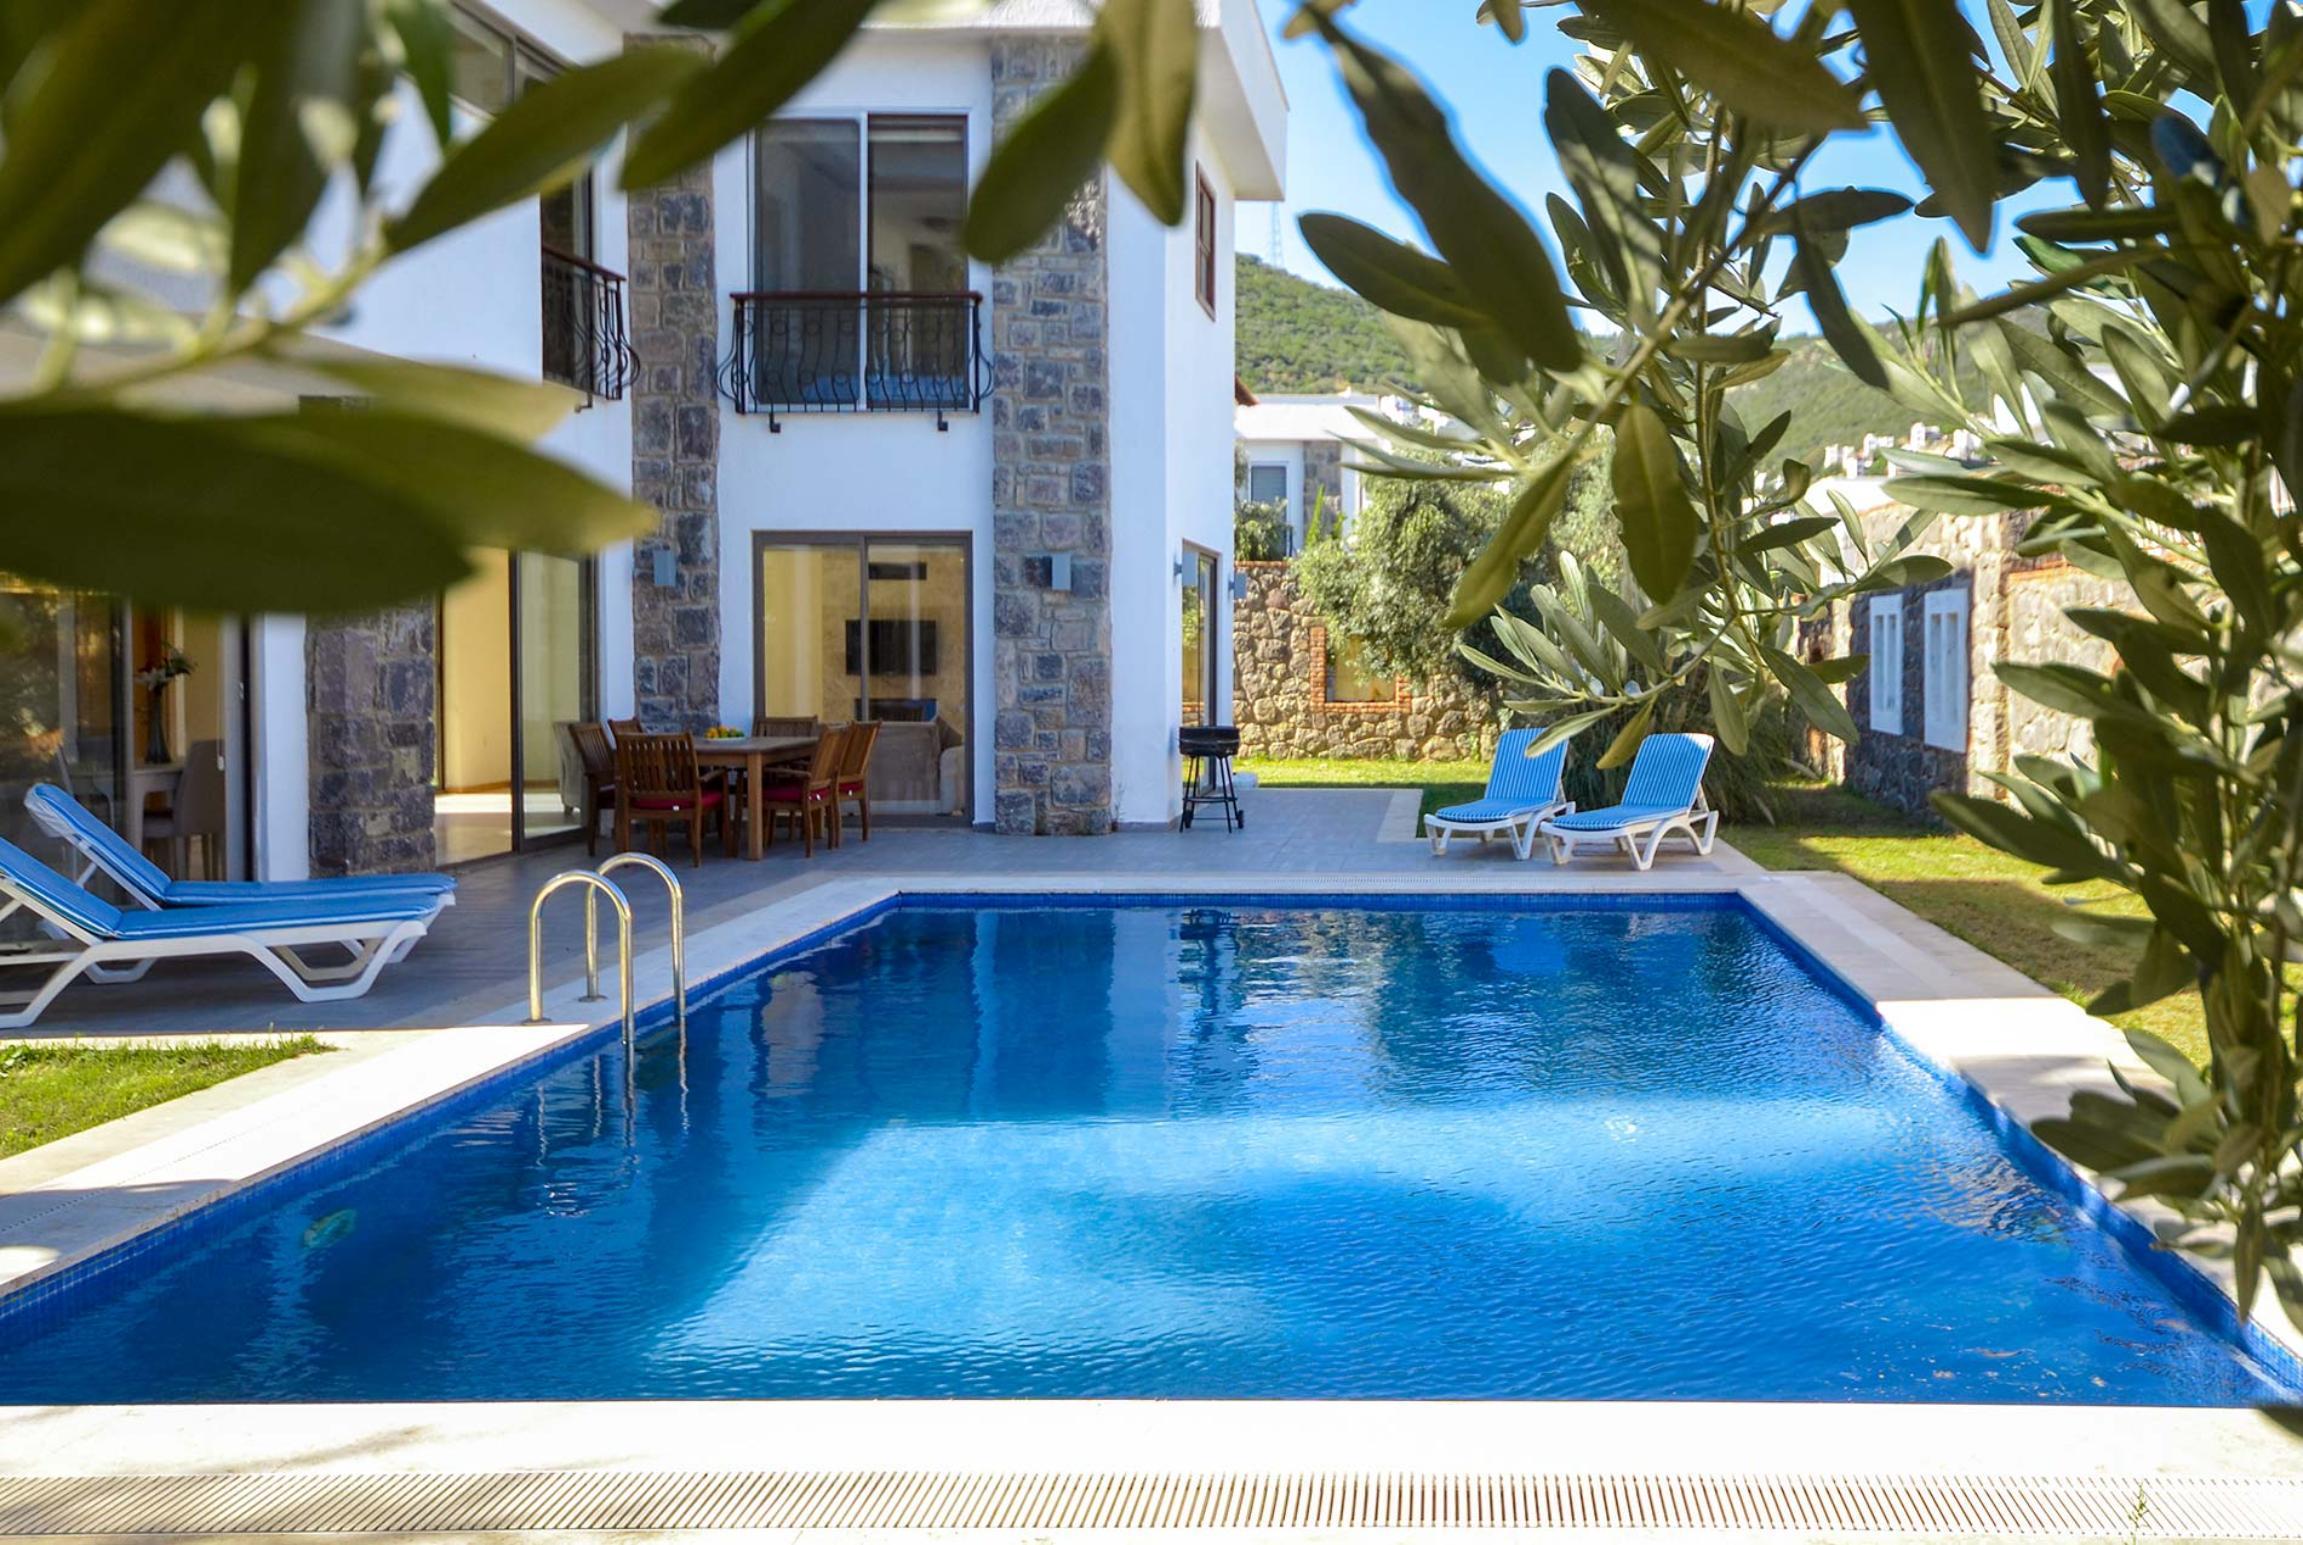 Ferienhaus Zehra (2744580), Torba, , Ägäisregion, Türkei, Bild 5